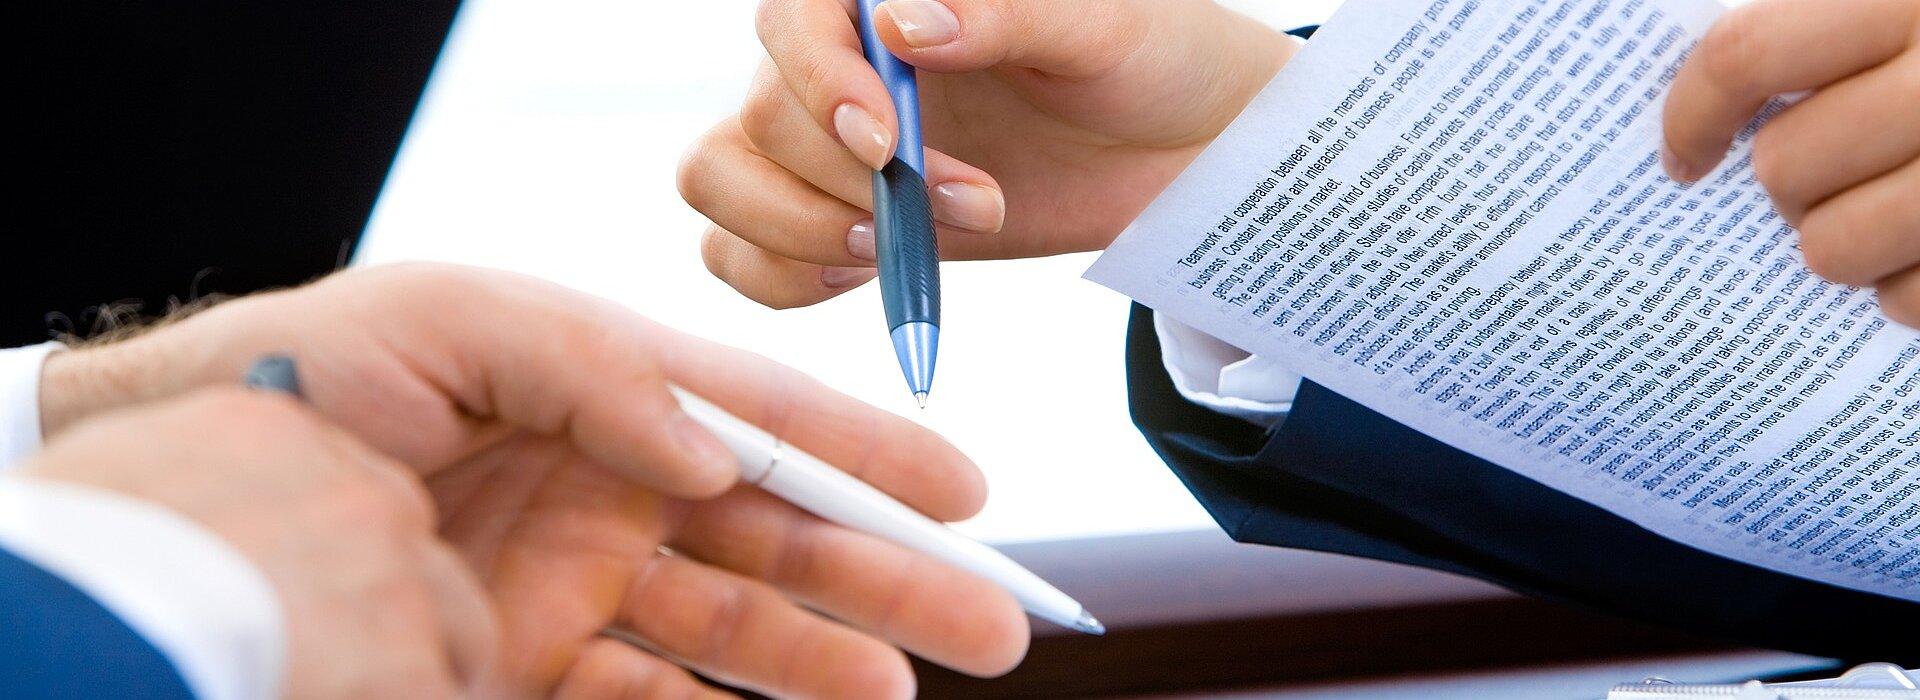 mãos de pessoas sobre uma mesa enquanto elas conversam